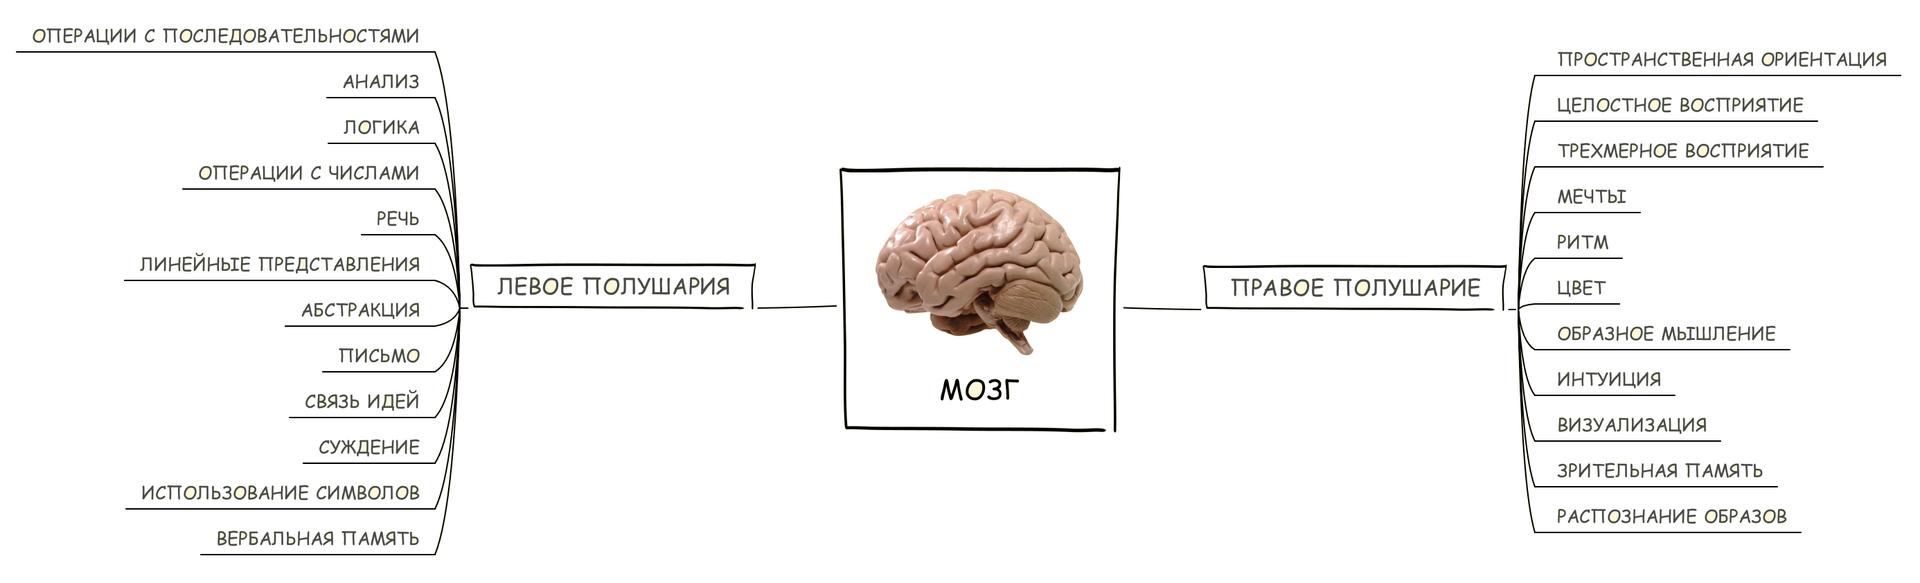 Mind Mapping, или как заставить свой мозг работать лучше - 13